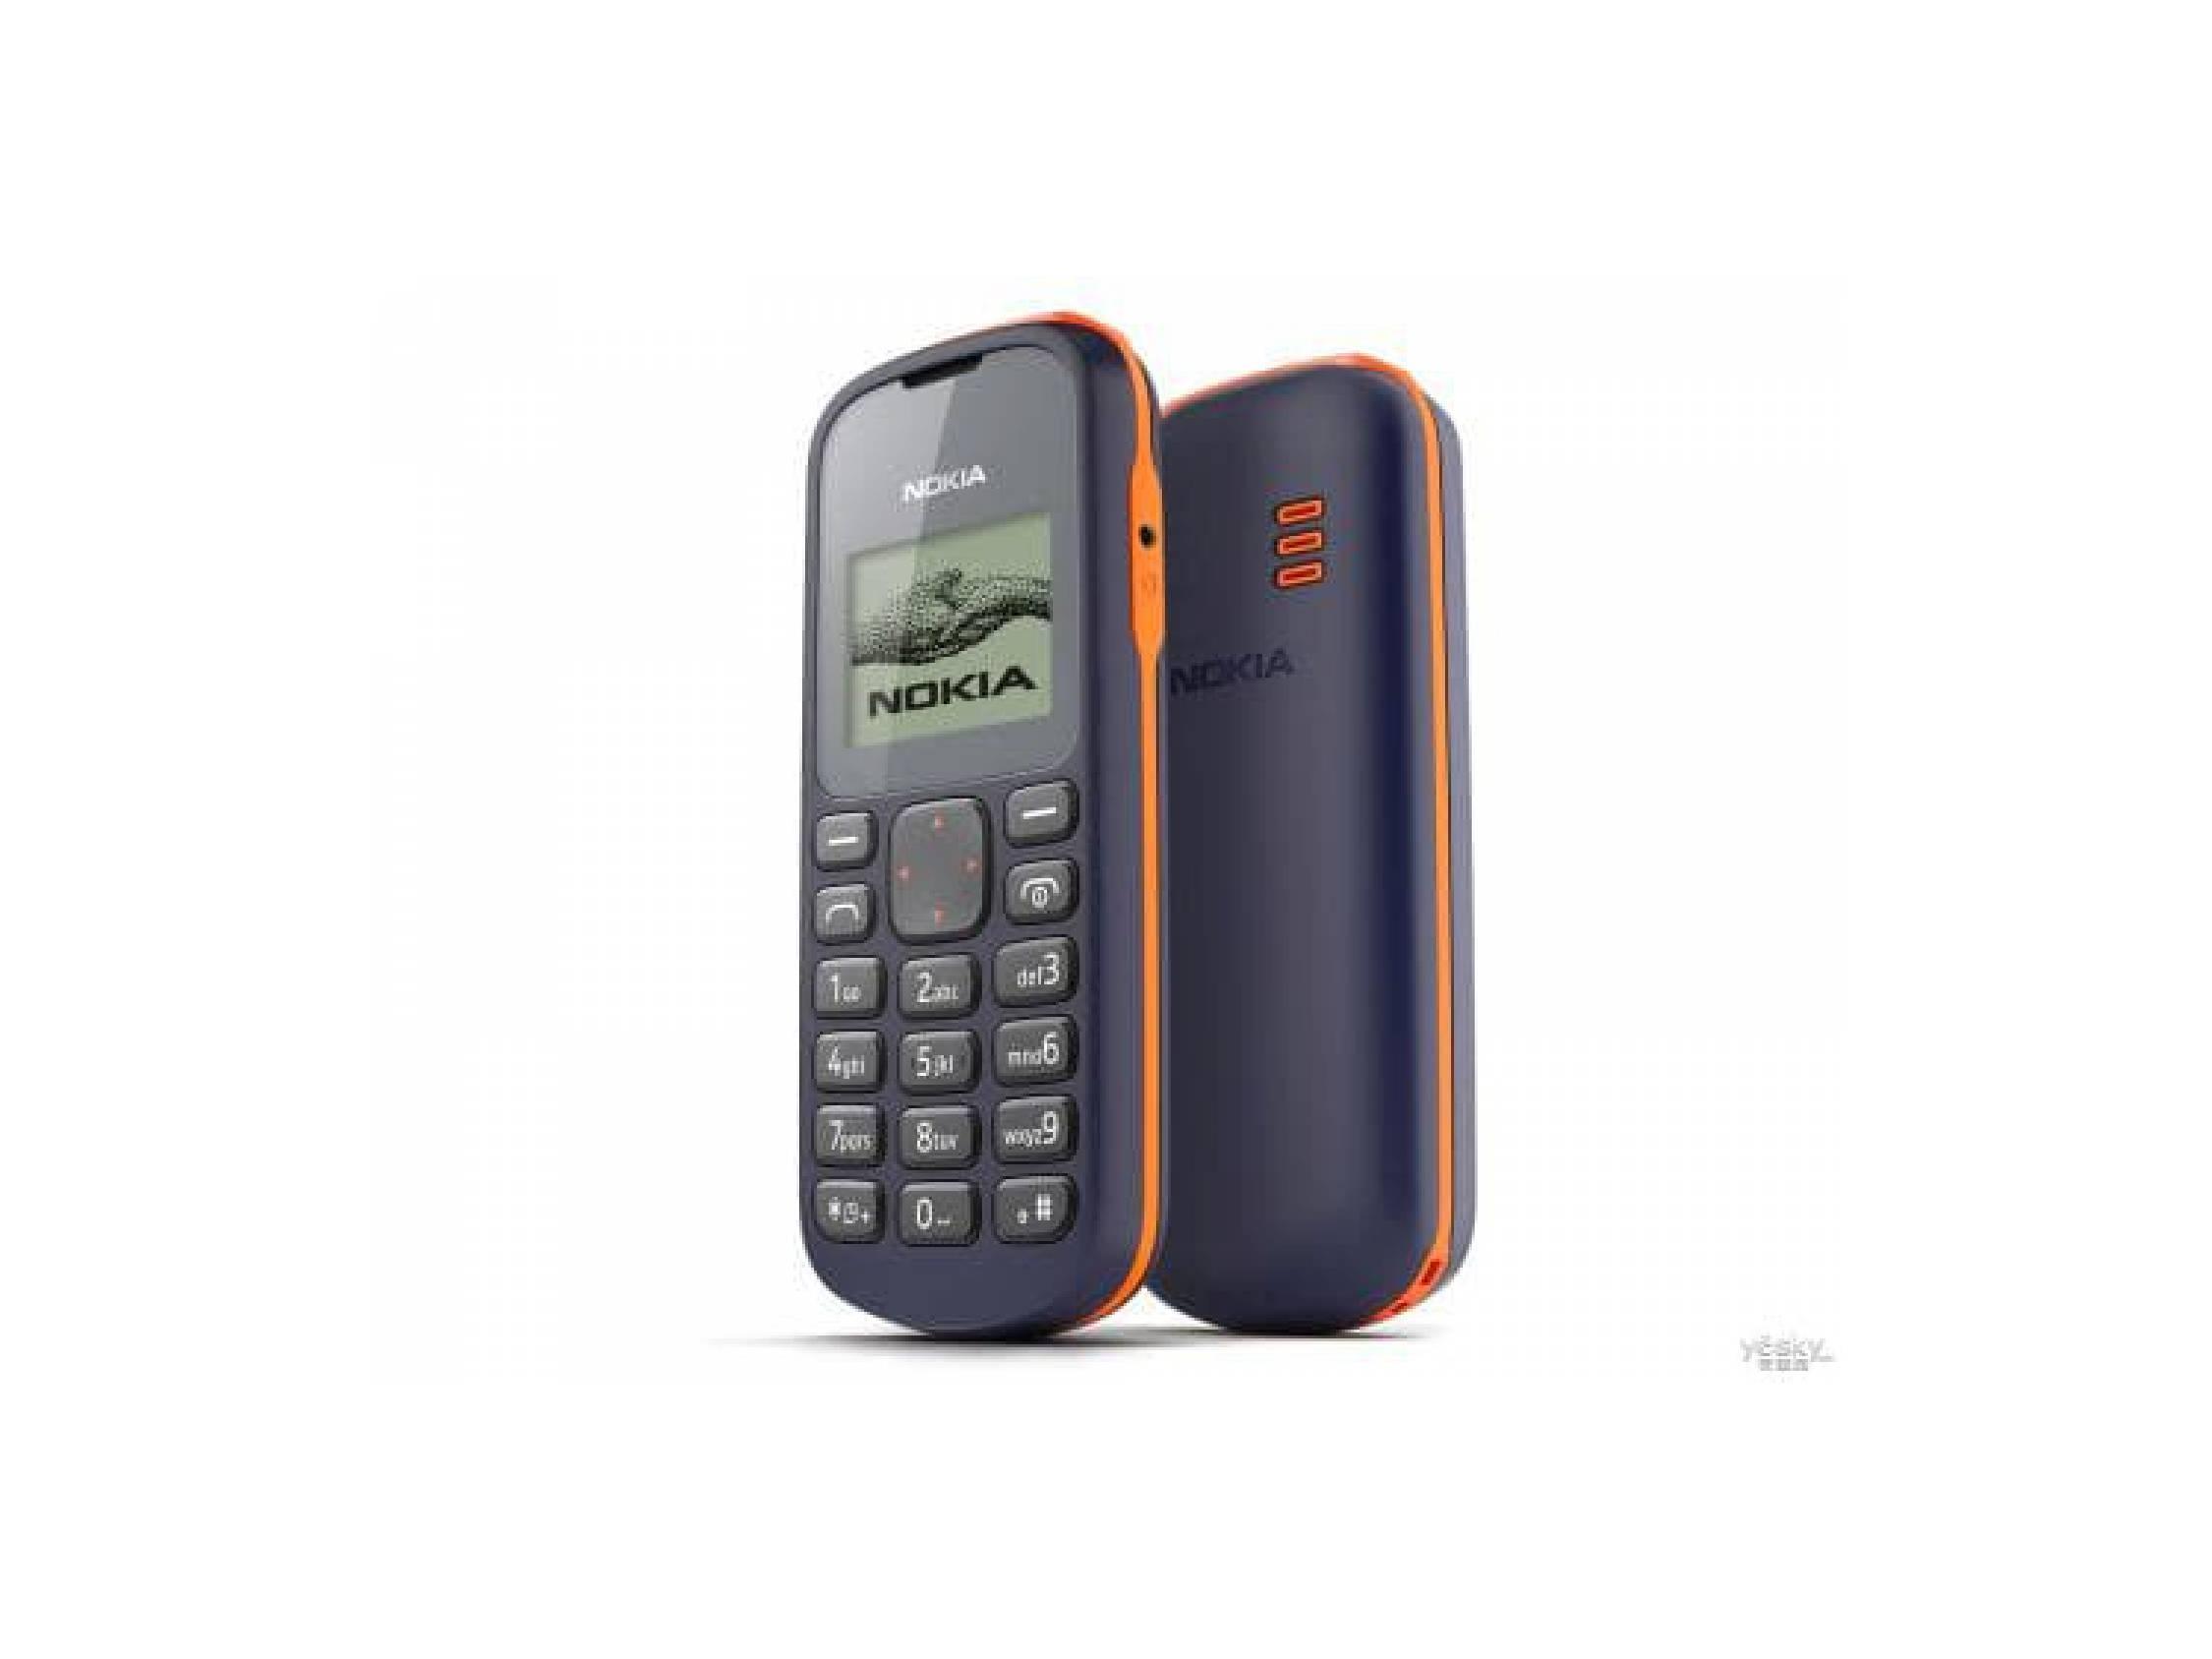 Fitur Nokia 103 Diskon Gsm Mobile Phone For New Hp Murah Biru Dan E71 Original Detail Gambar Terbaru